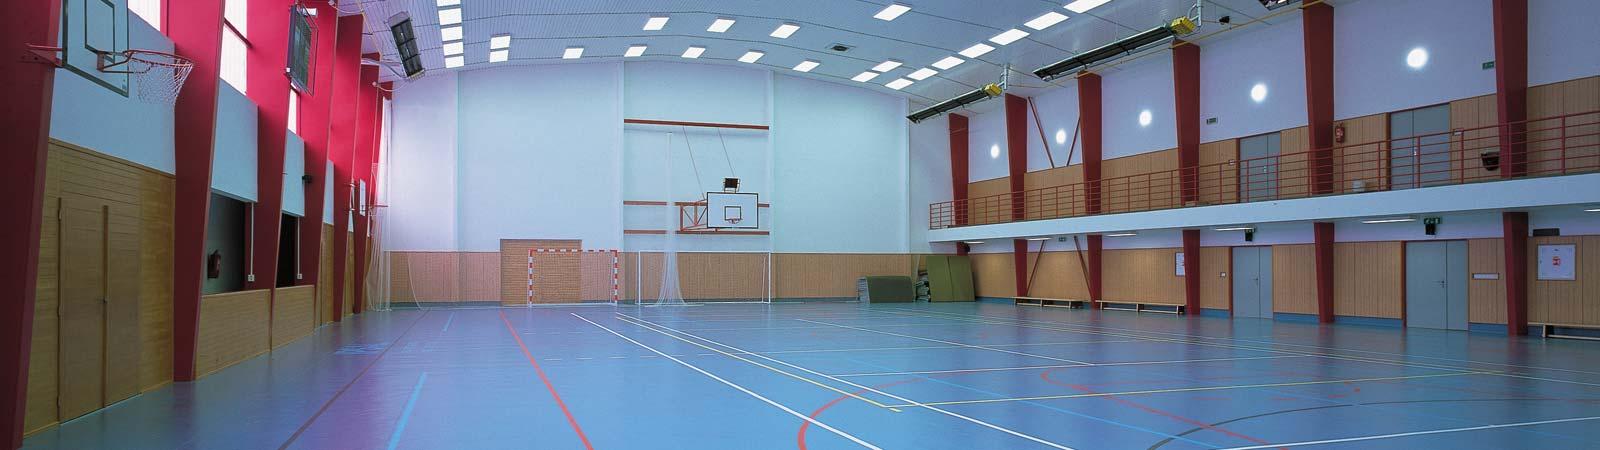 Sportovní hala pro míčové hry ve Sportovním centru Semily